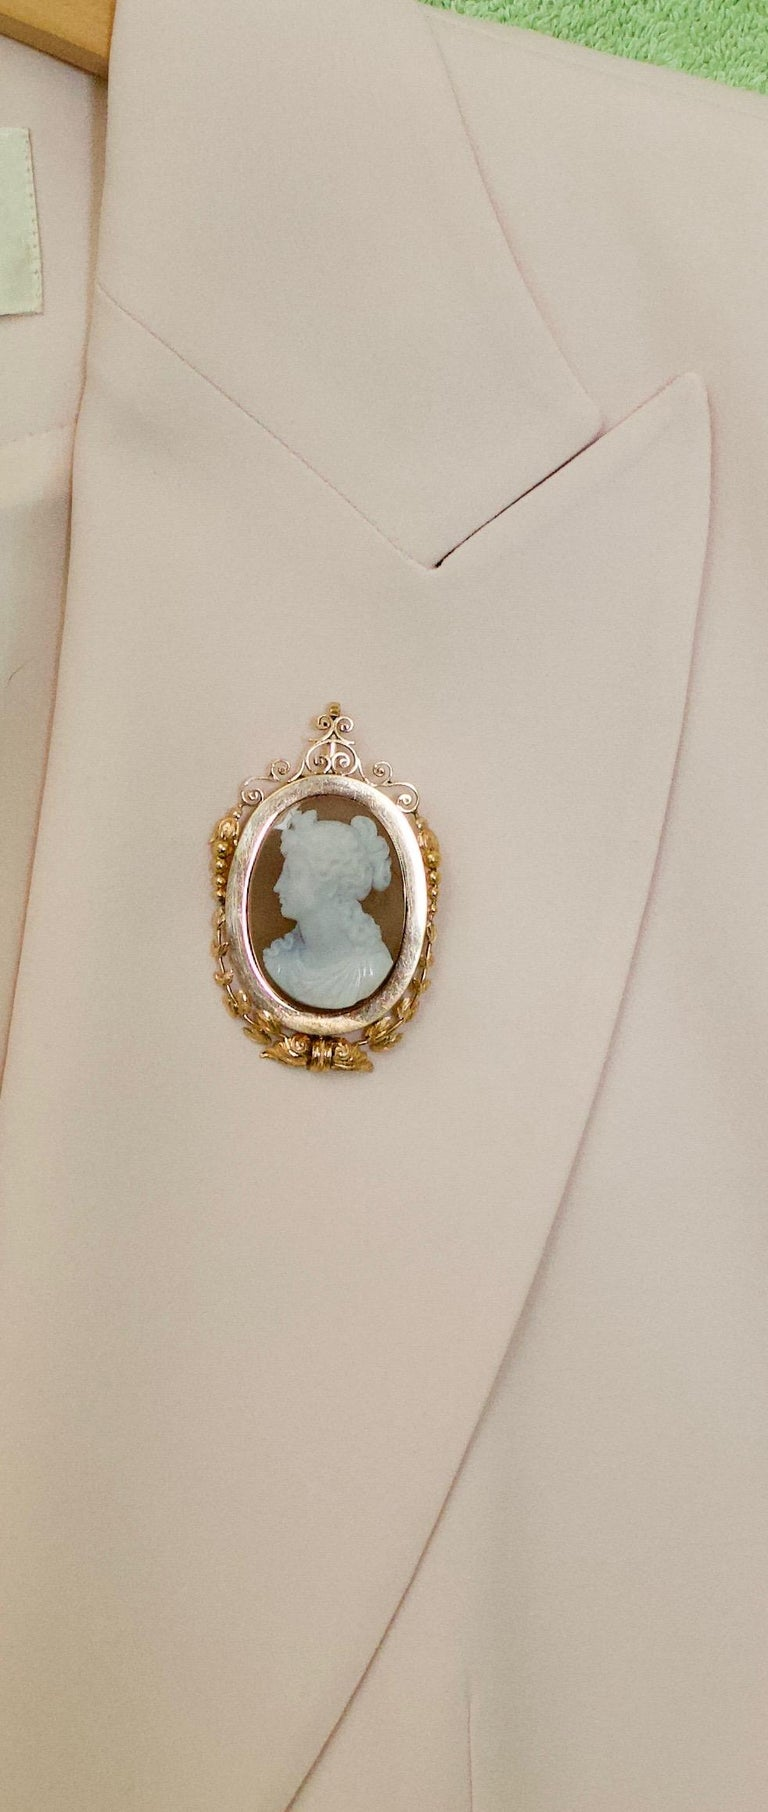 Stone Cameo Brooch Pendant, circa 1900 For Sale 5